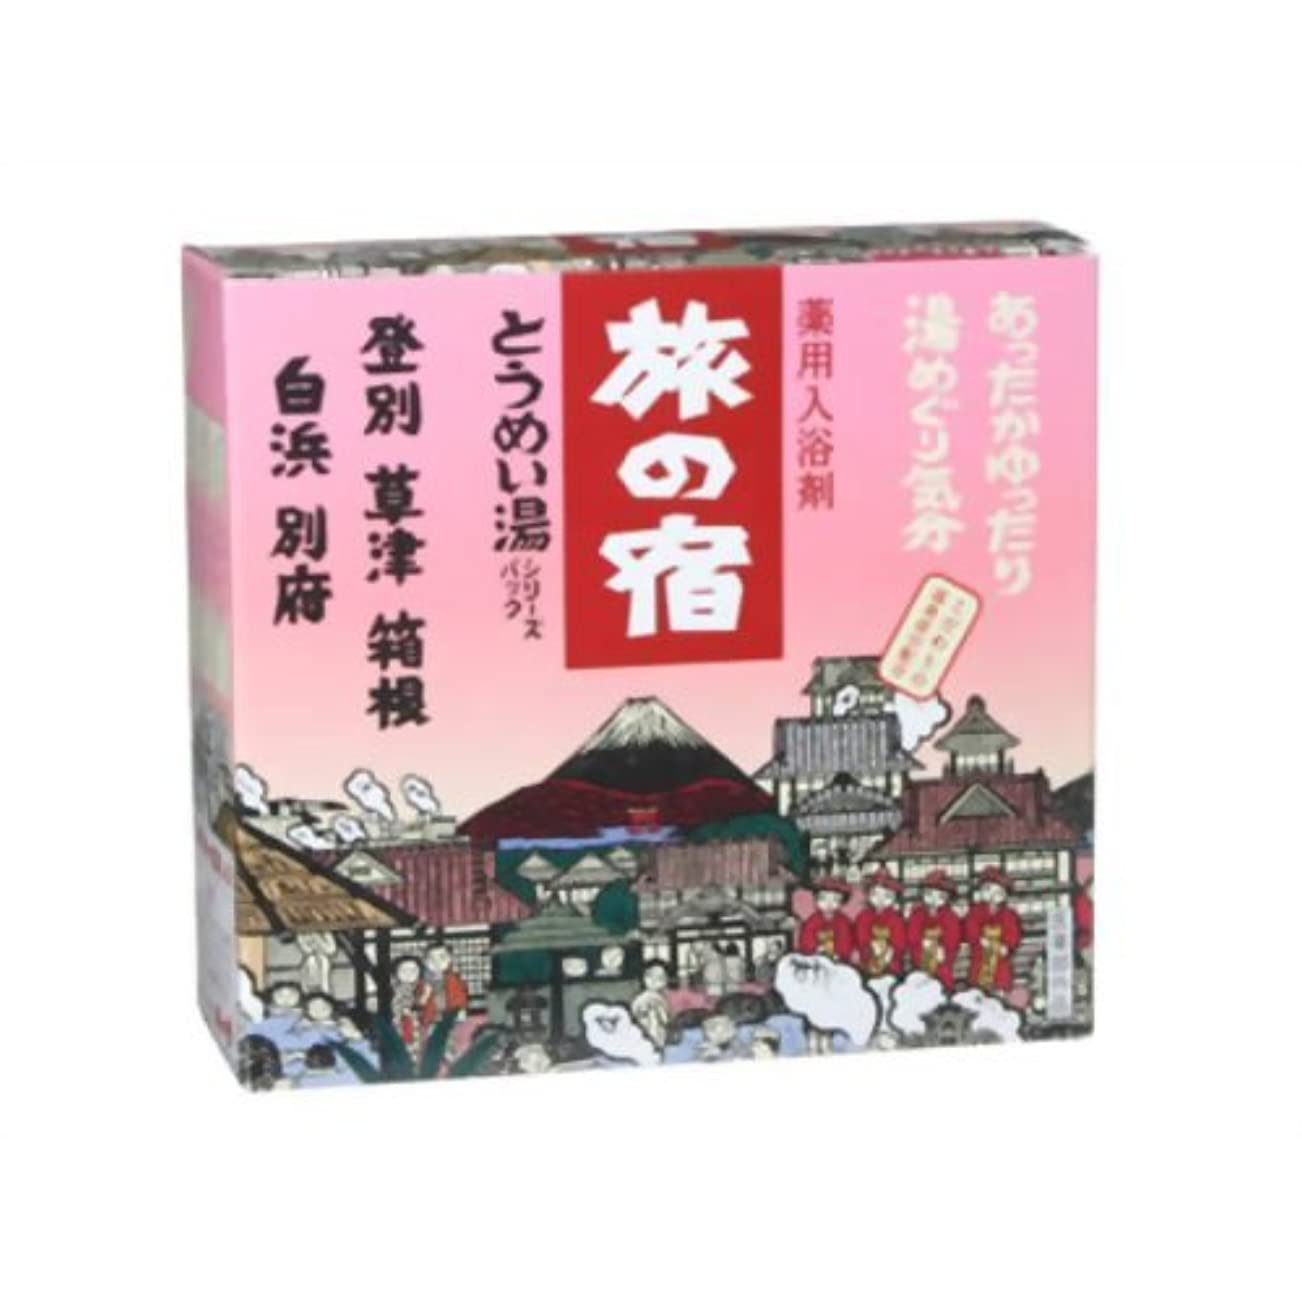 旅の宿 とうめい湯シリーズパック 25g×15包入